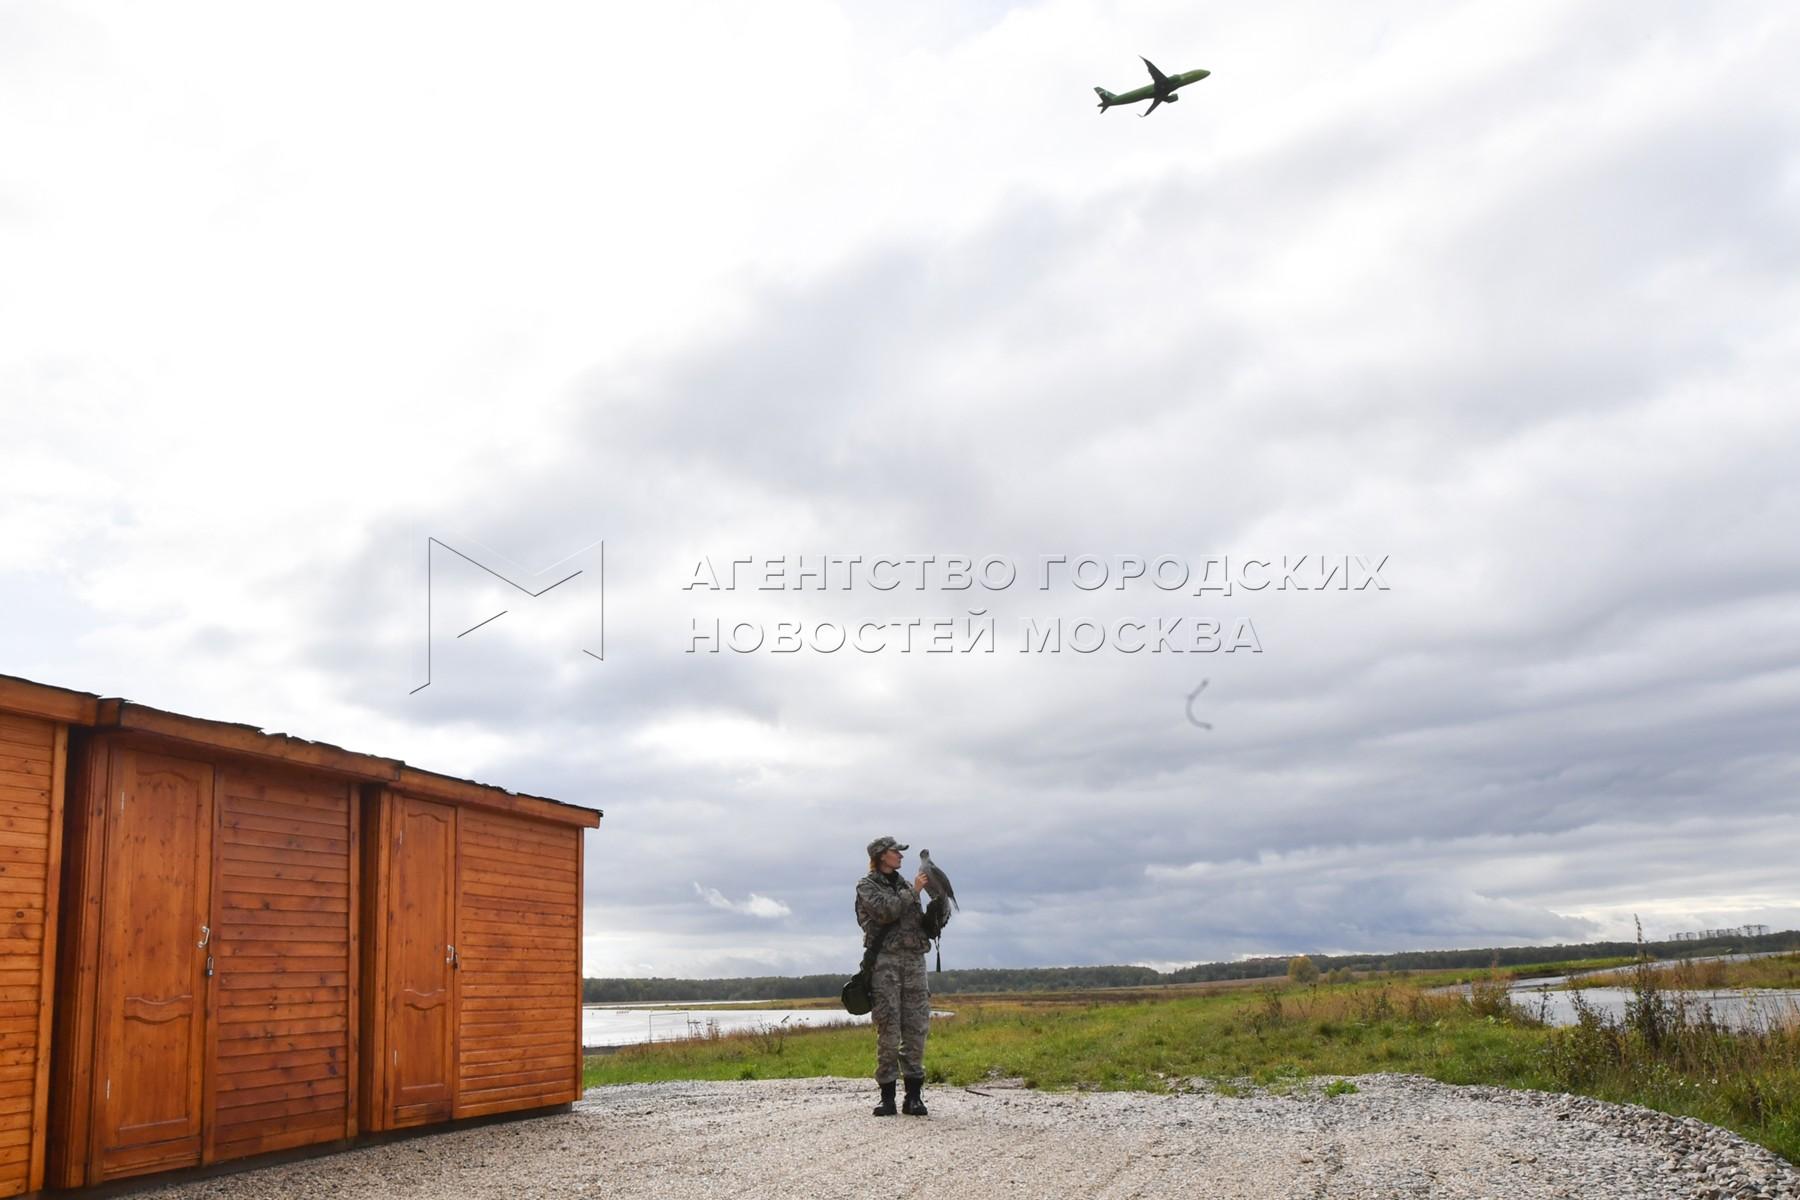 Орнитологическая служба аэропорта «Домодедово».